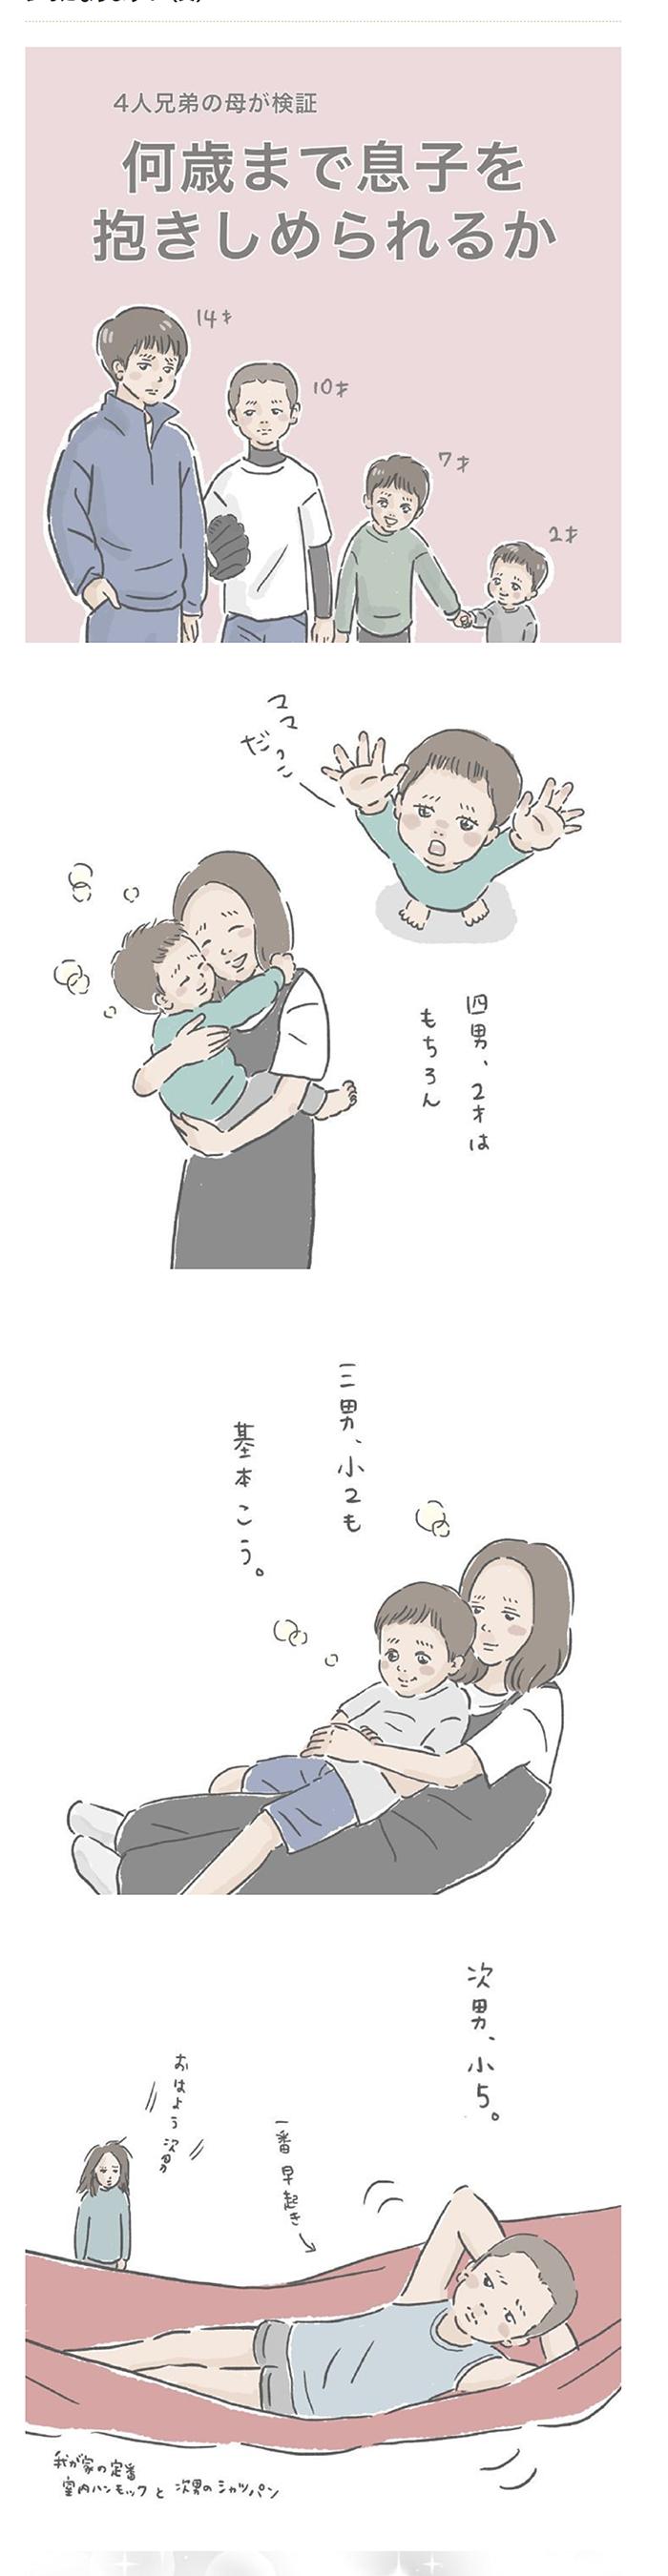 何歳まで息子を抱きしめられる?/ニオイつわりにコレだ!?…おすすめ記事の画像1